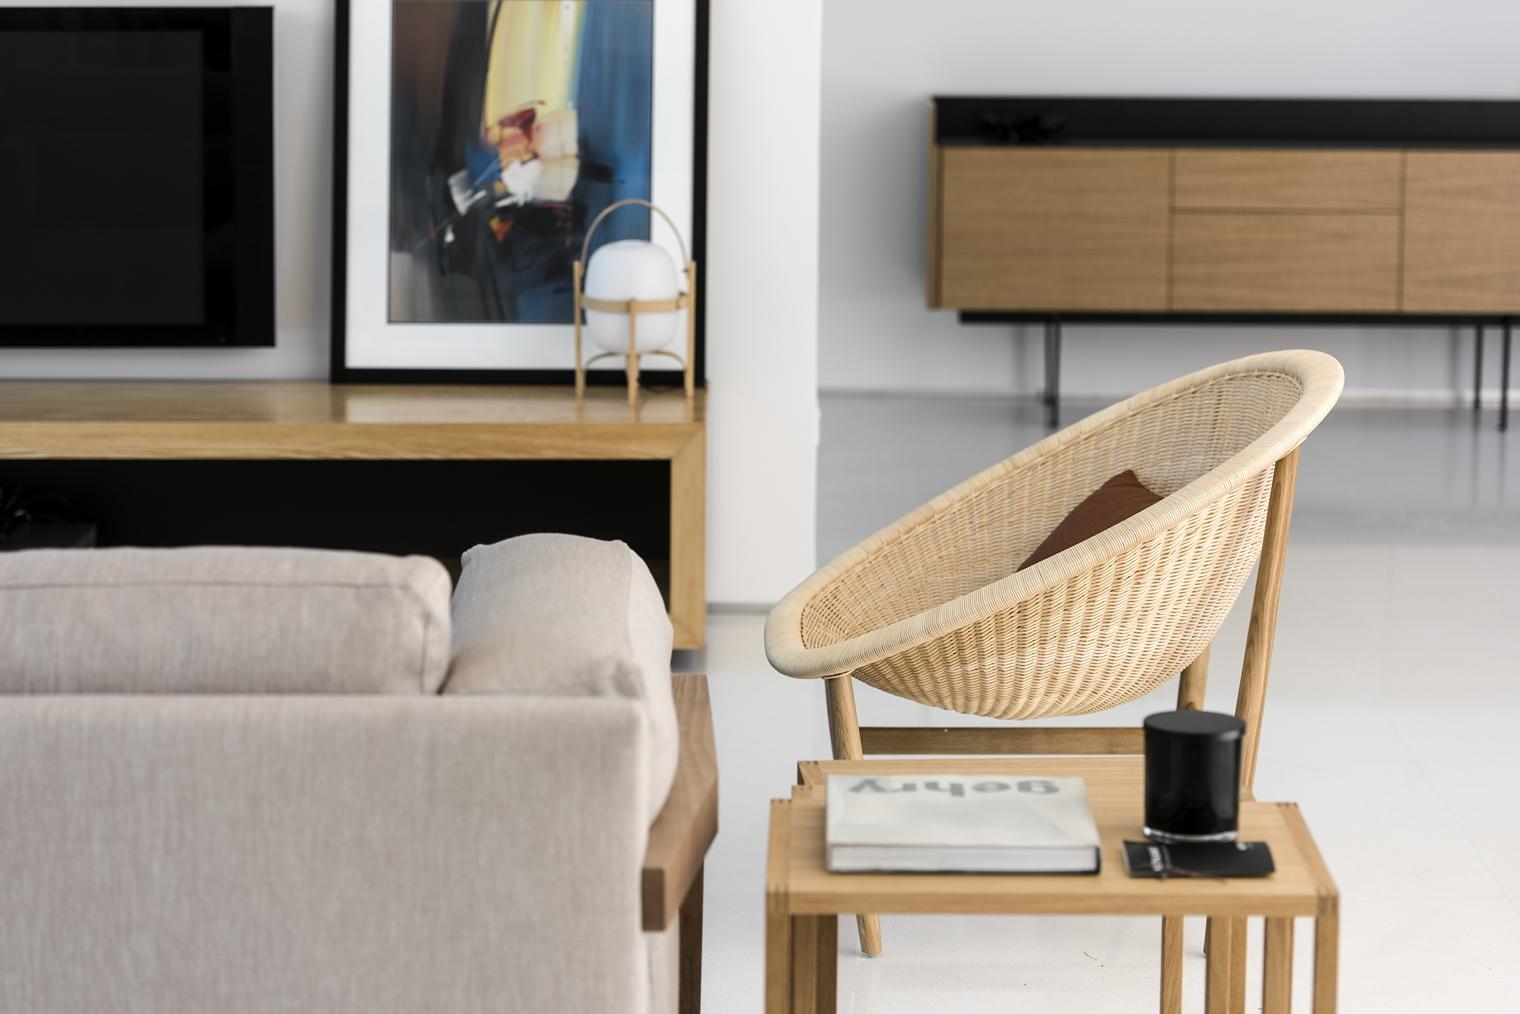 Mobiliario de firma espa ola en una casa minimal en perth - Mobiliario de casa ...